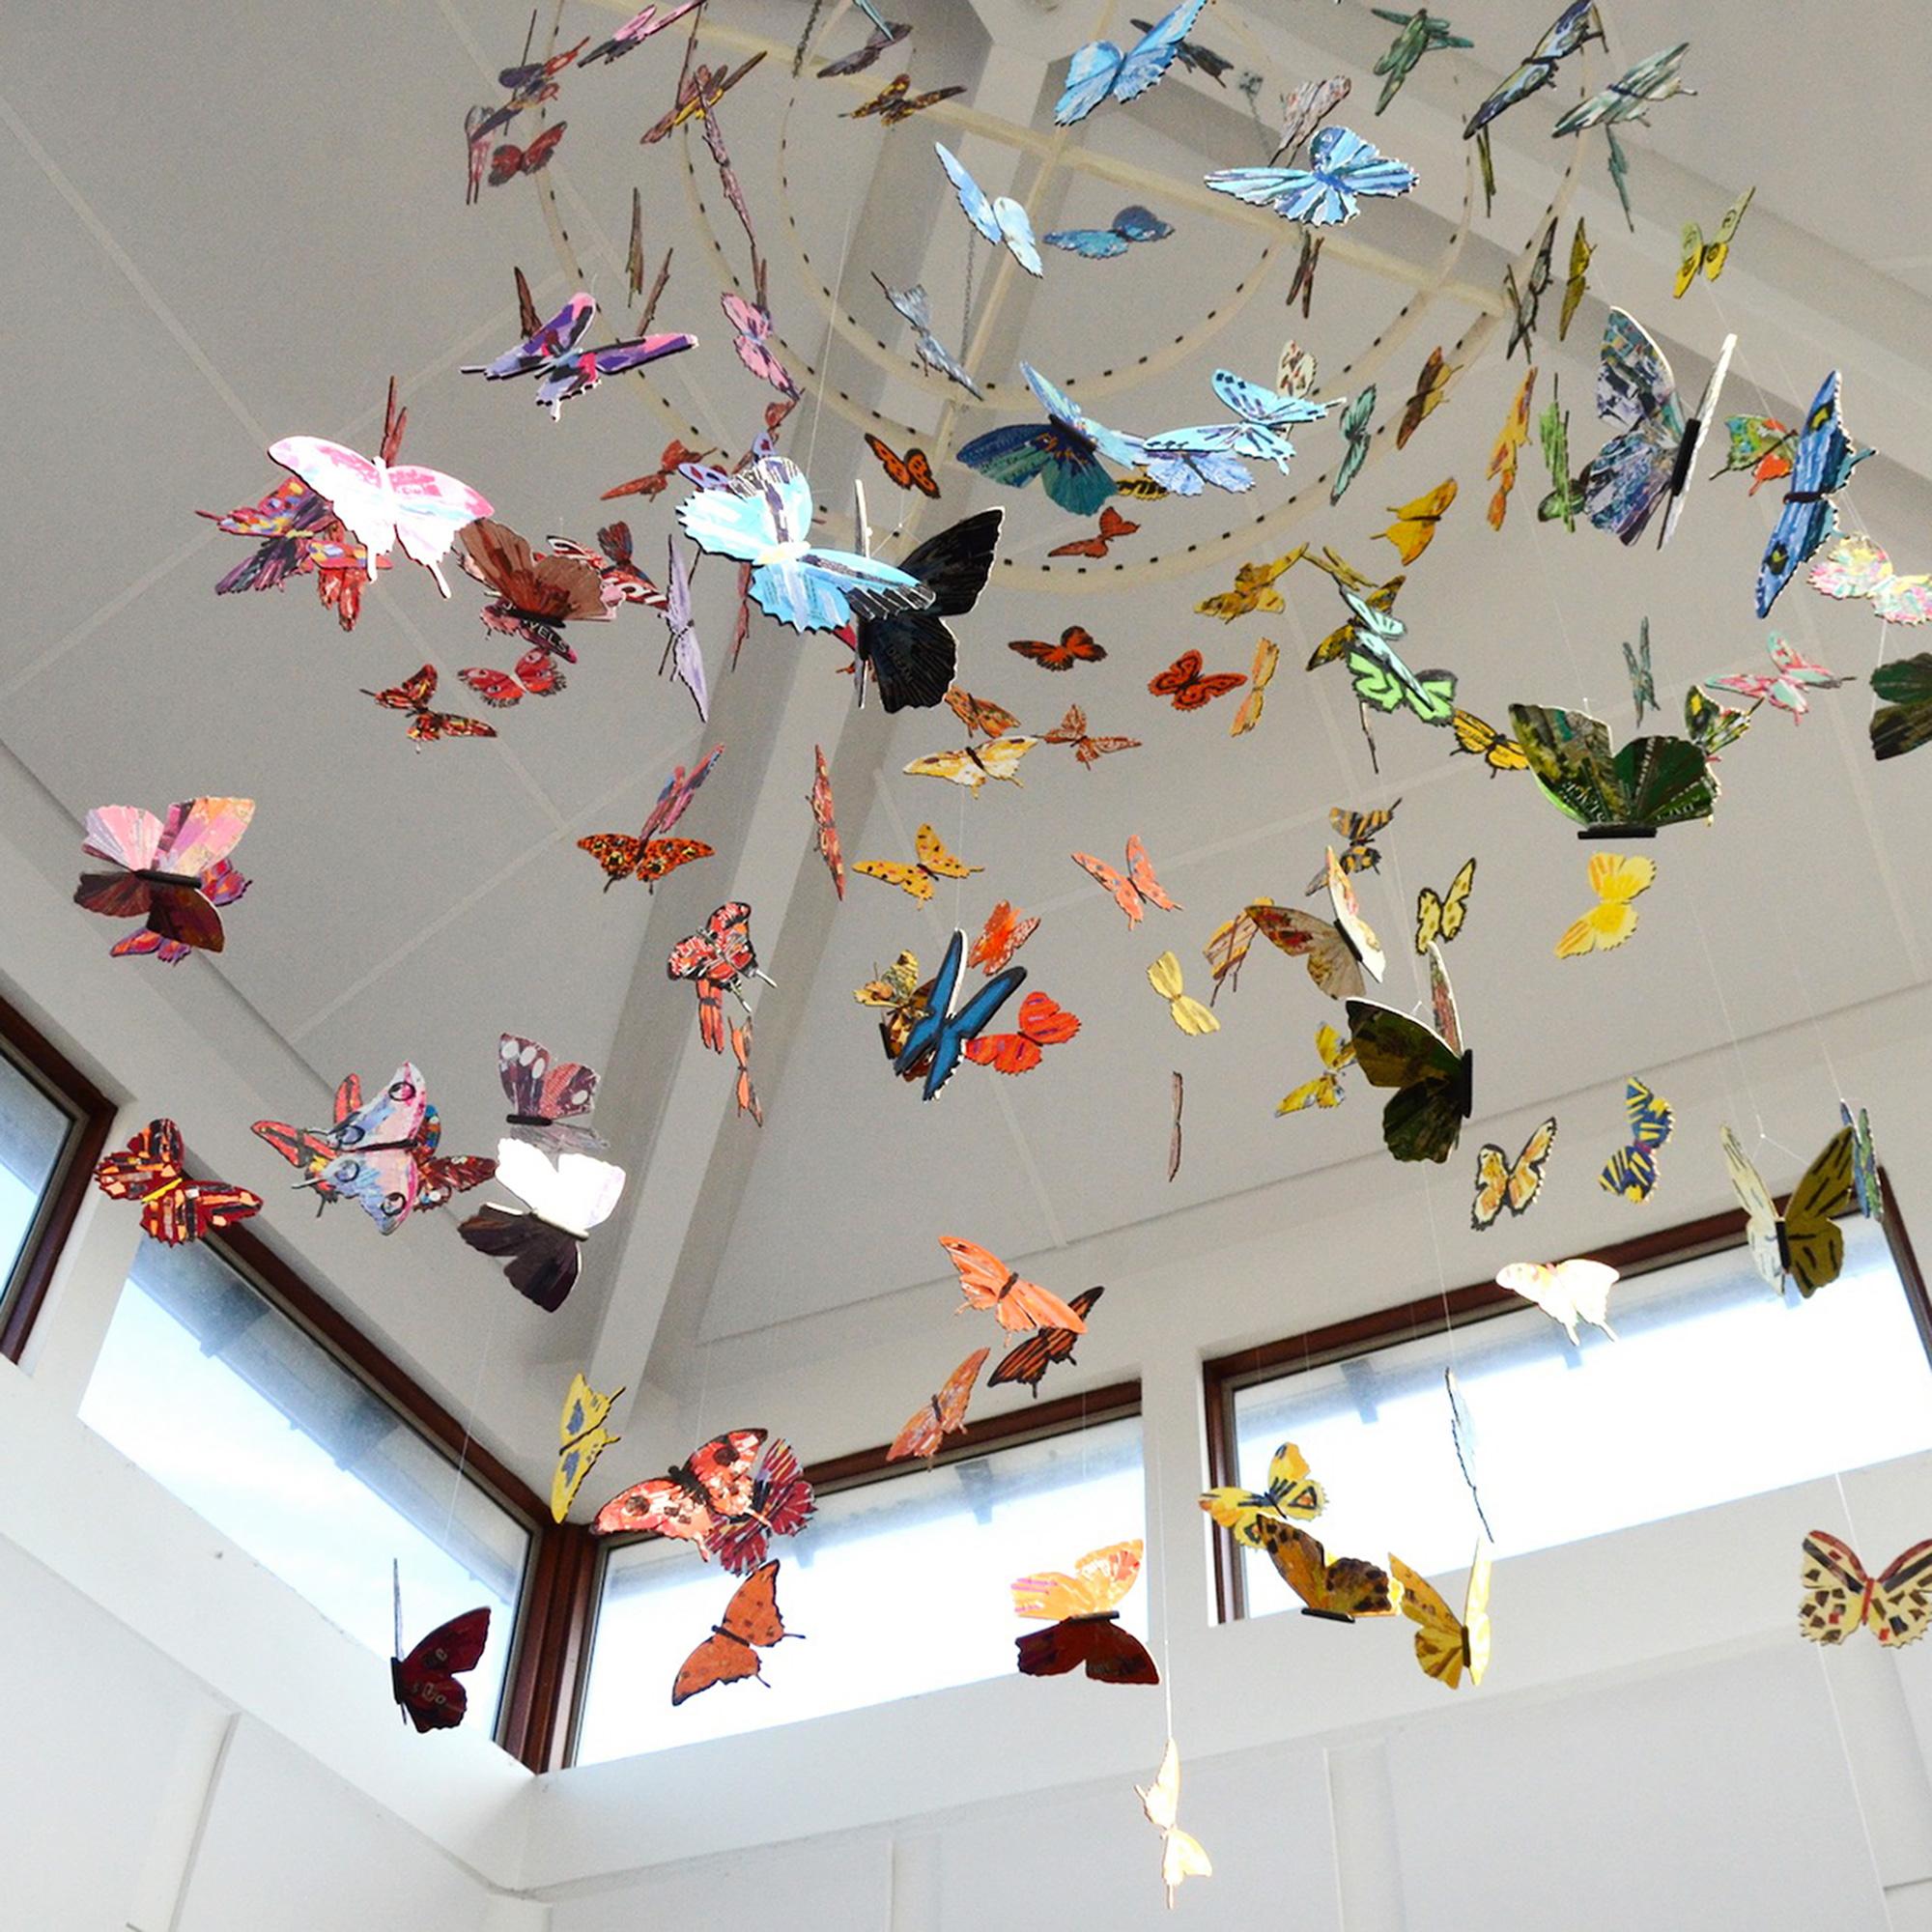 kaleidoscope of hanging butterflies